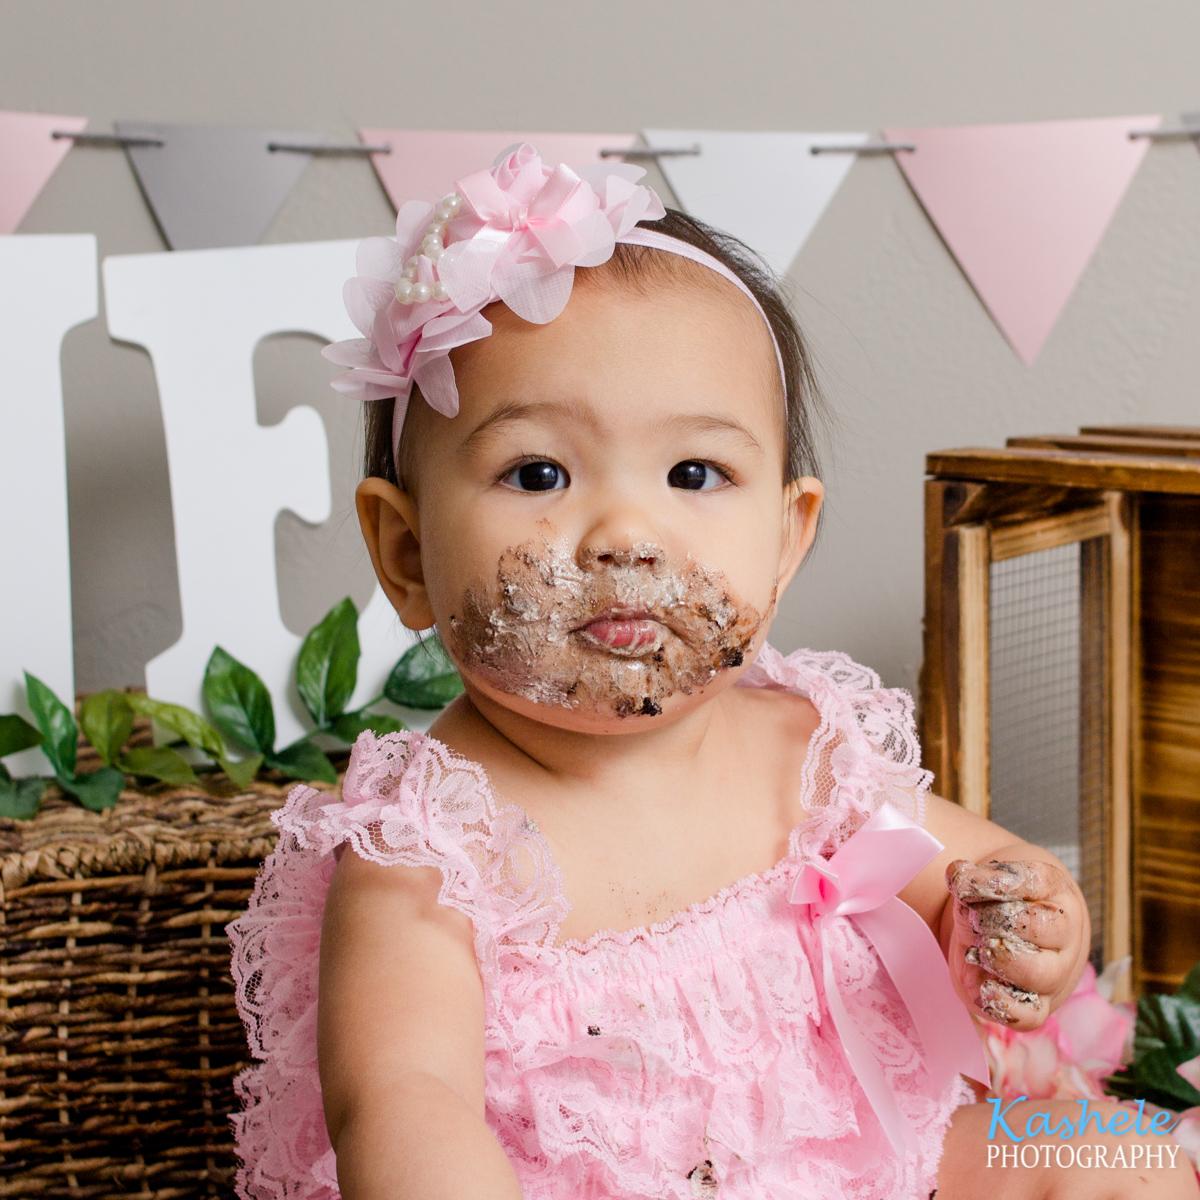 Little girl covered in cake